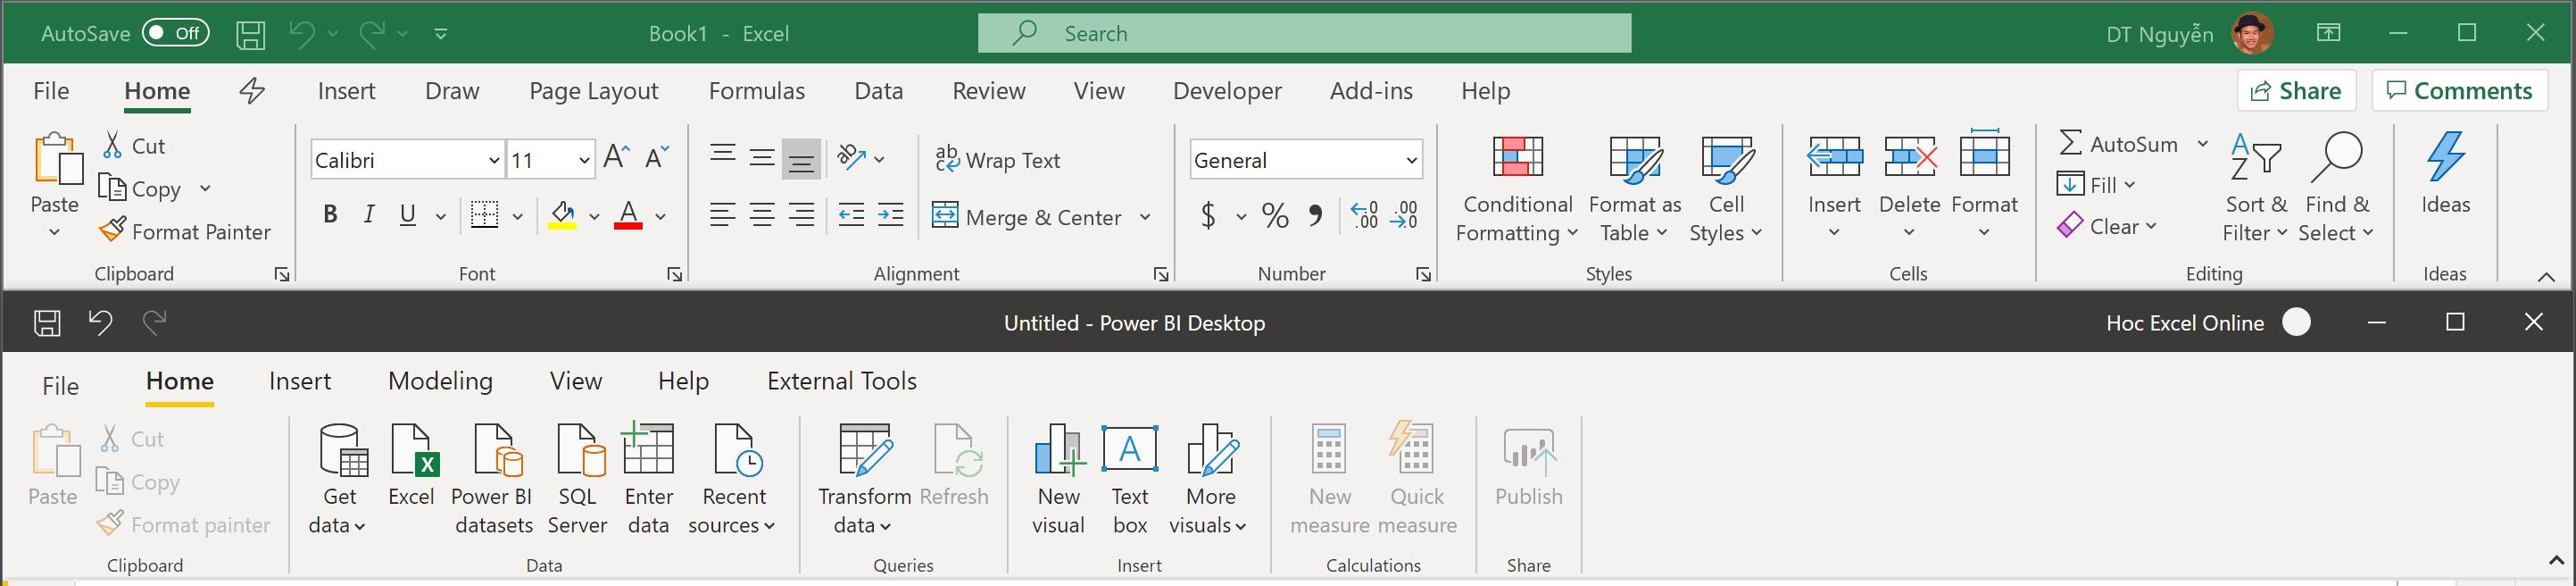 Ribbon của Excel và Ribbon của Power BI